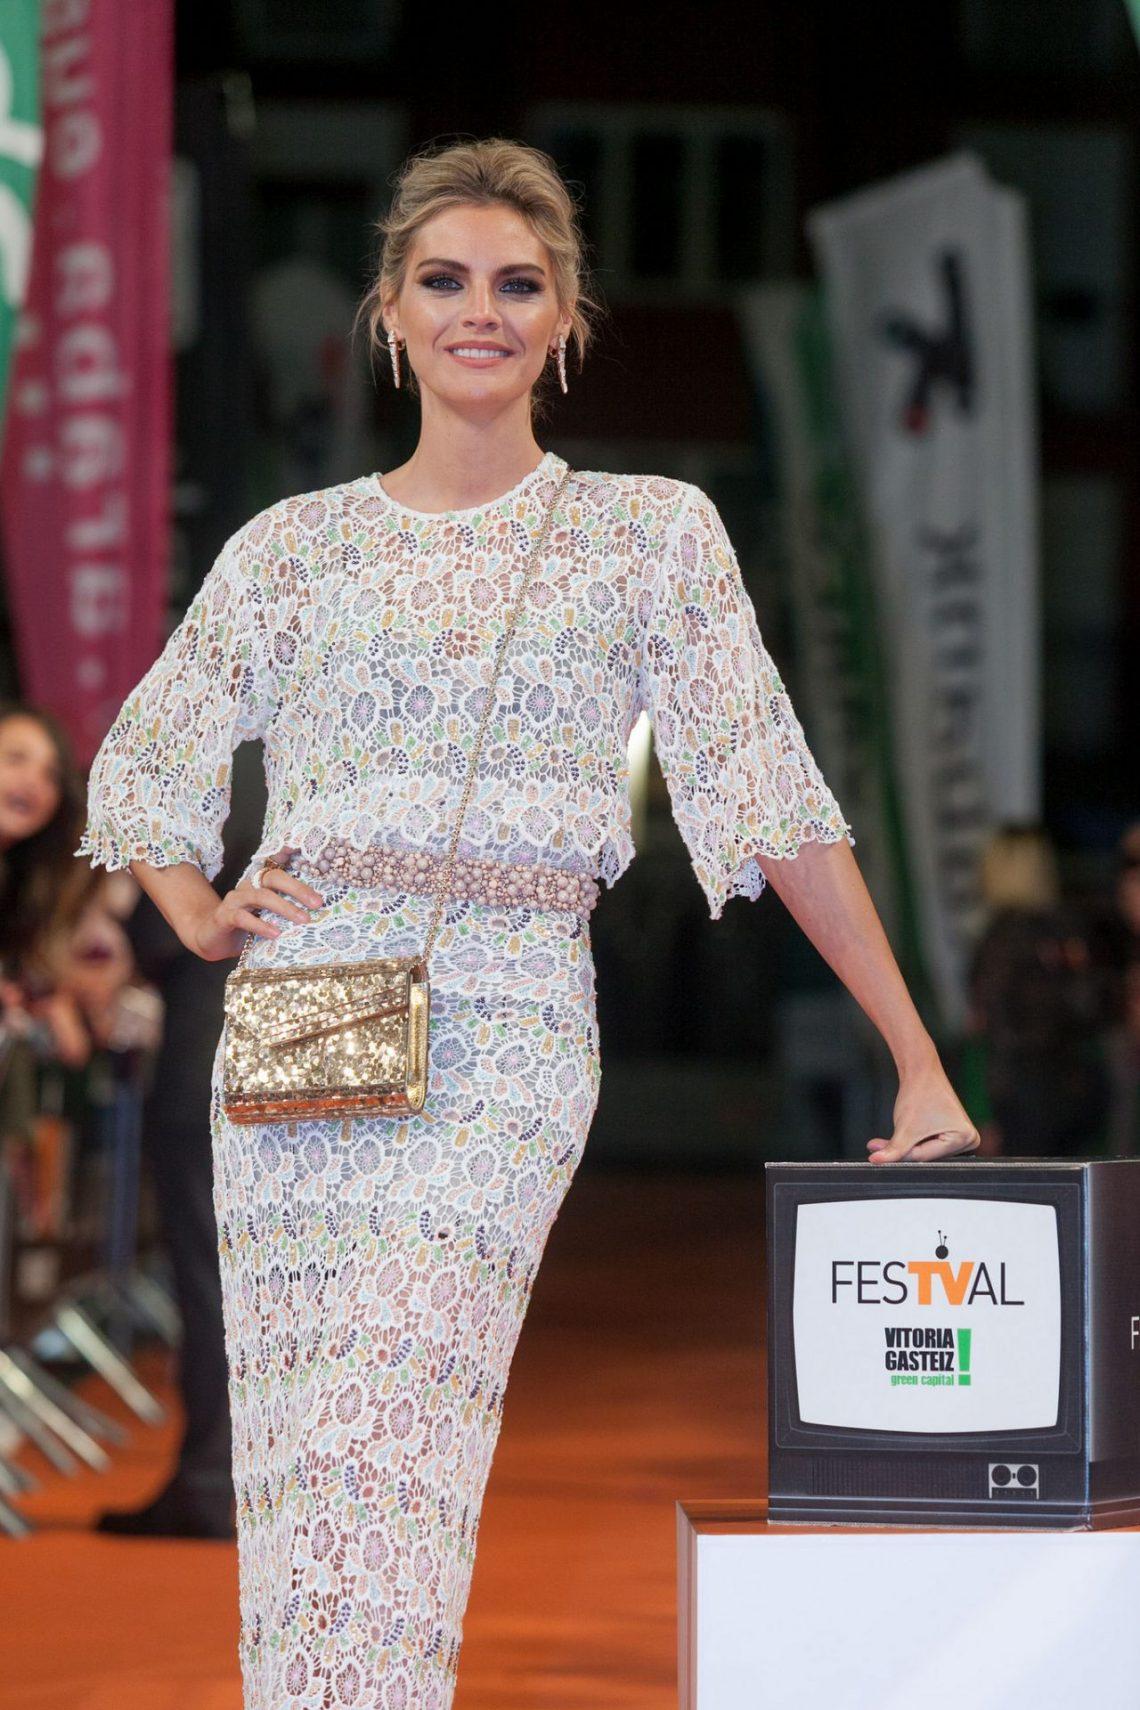 Nuestras Actrices Lucen Sus Mejores Looks En El Festival De Vitoria